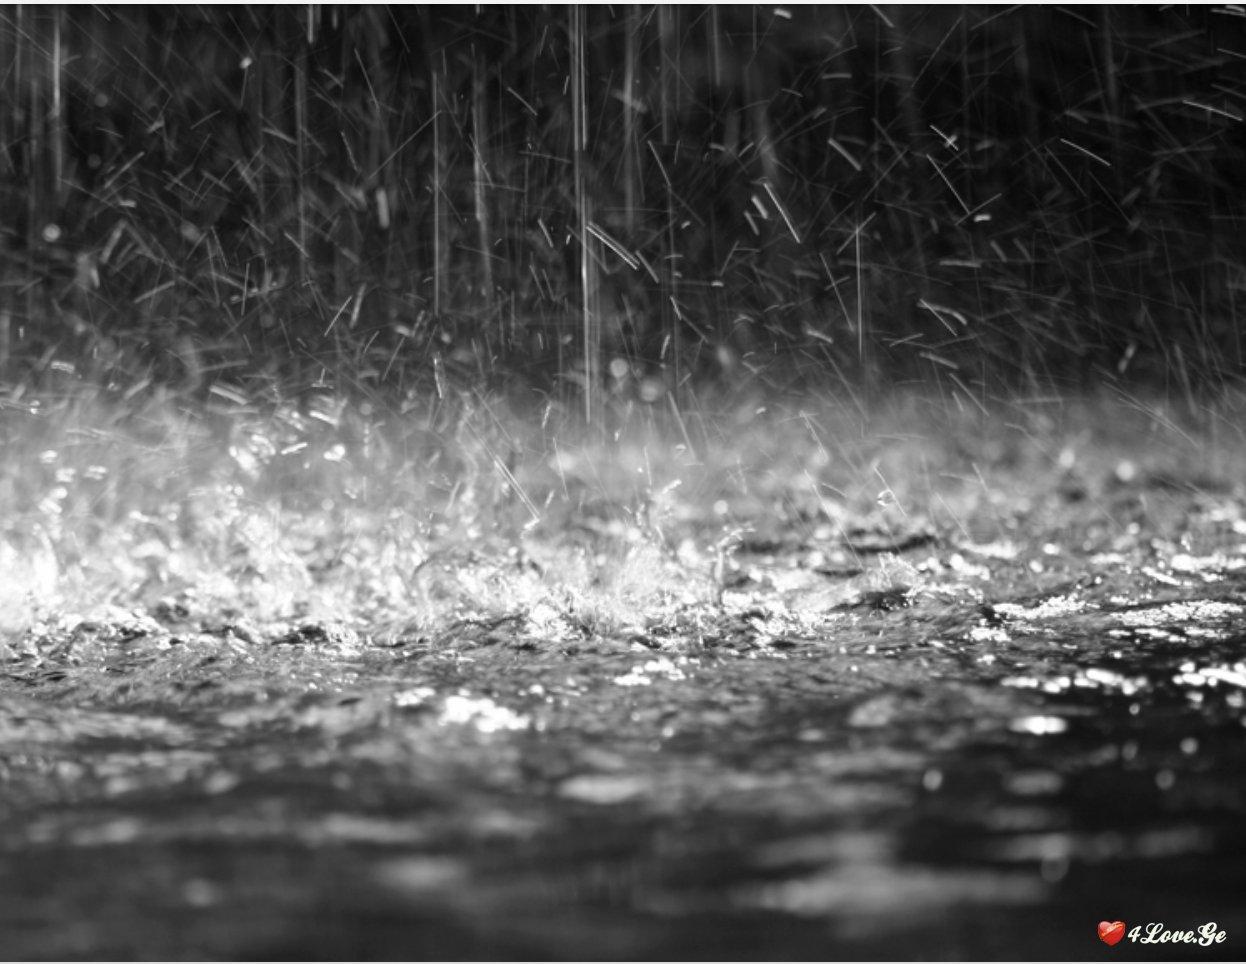 ისევ წვიმს ვერ გადაიღო